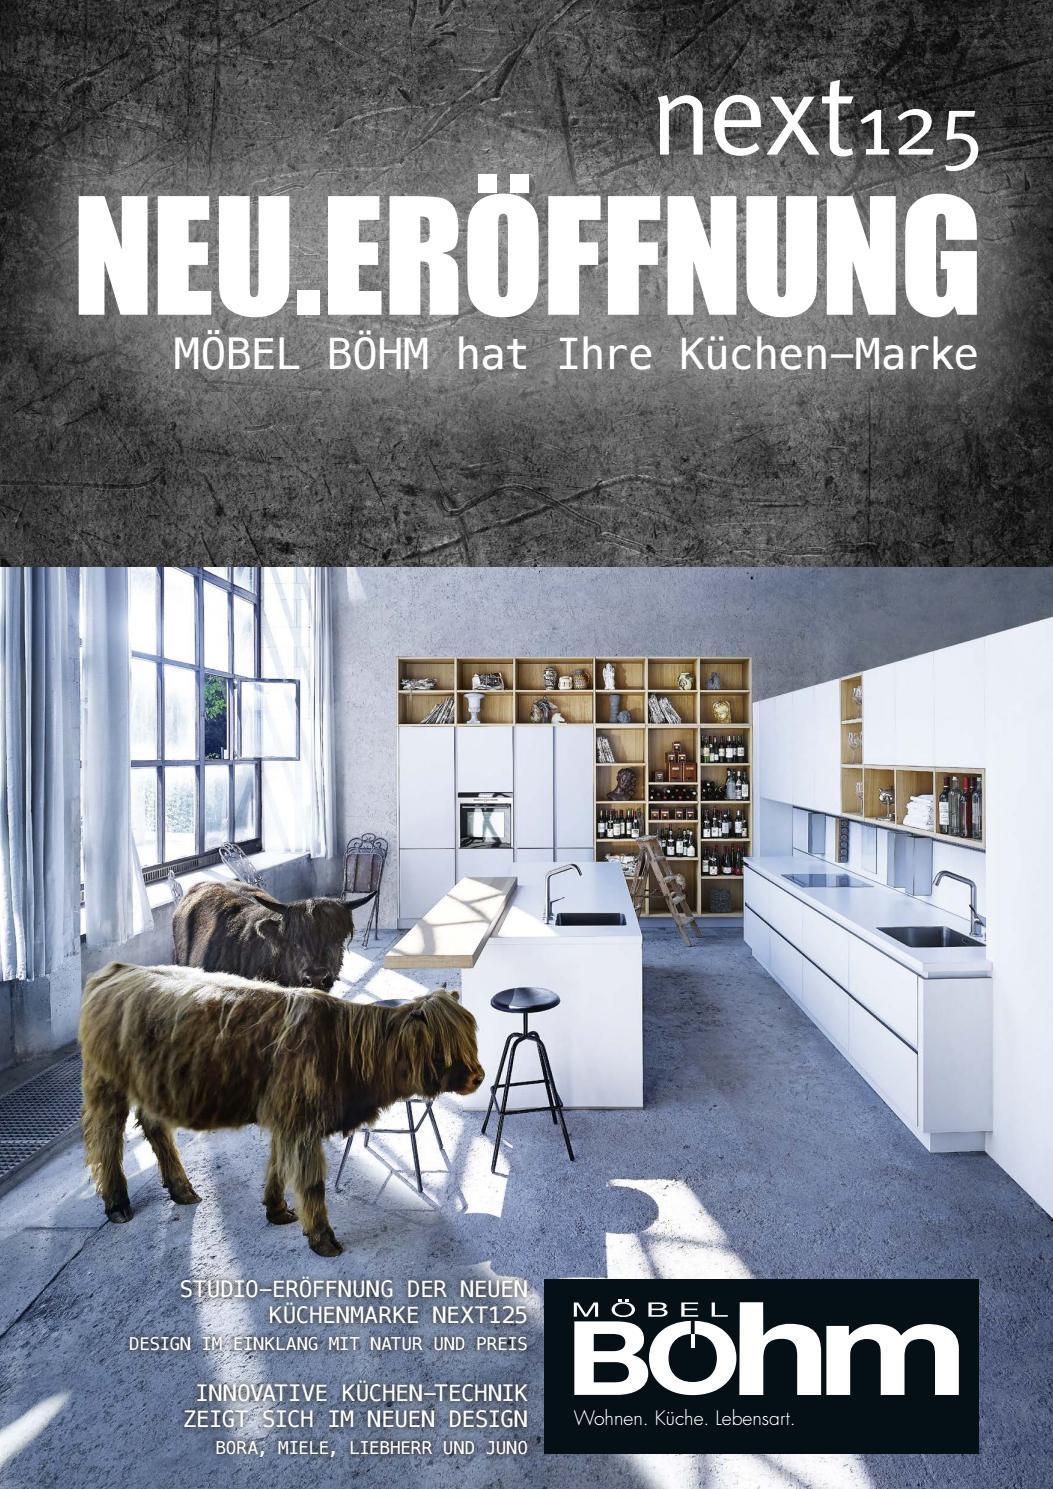 boehm neueroeffnung next125 by perspektive werbeagentur issuu. Black Bedroom Furniture Sets. Home Design Ideas